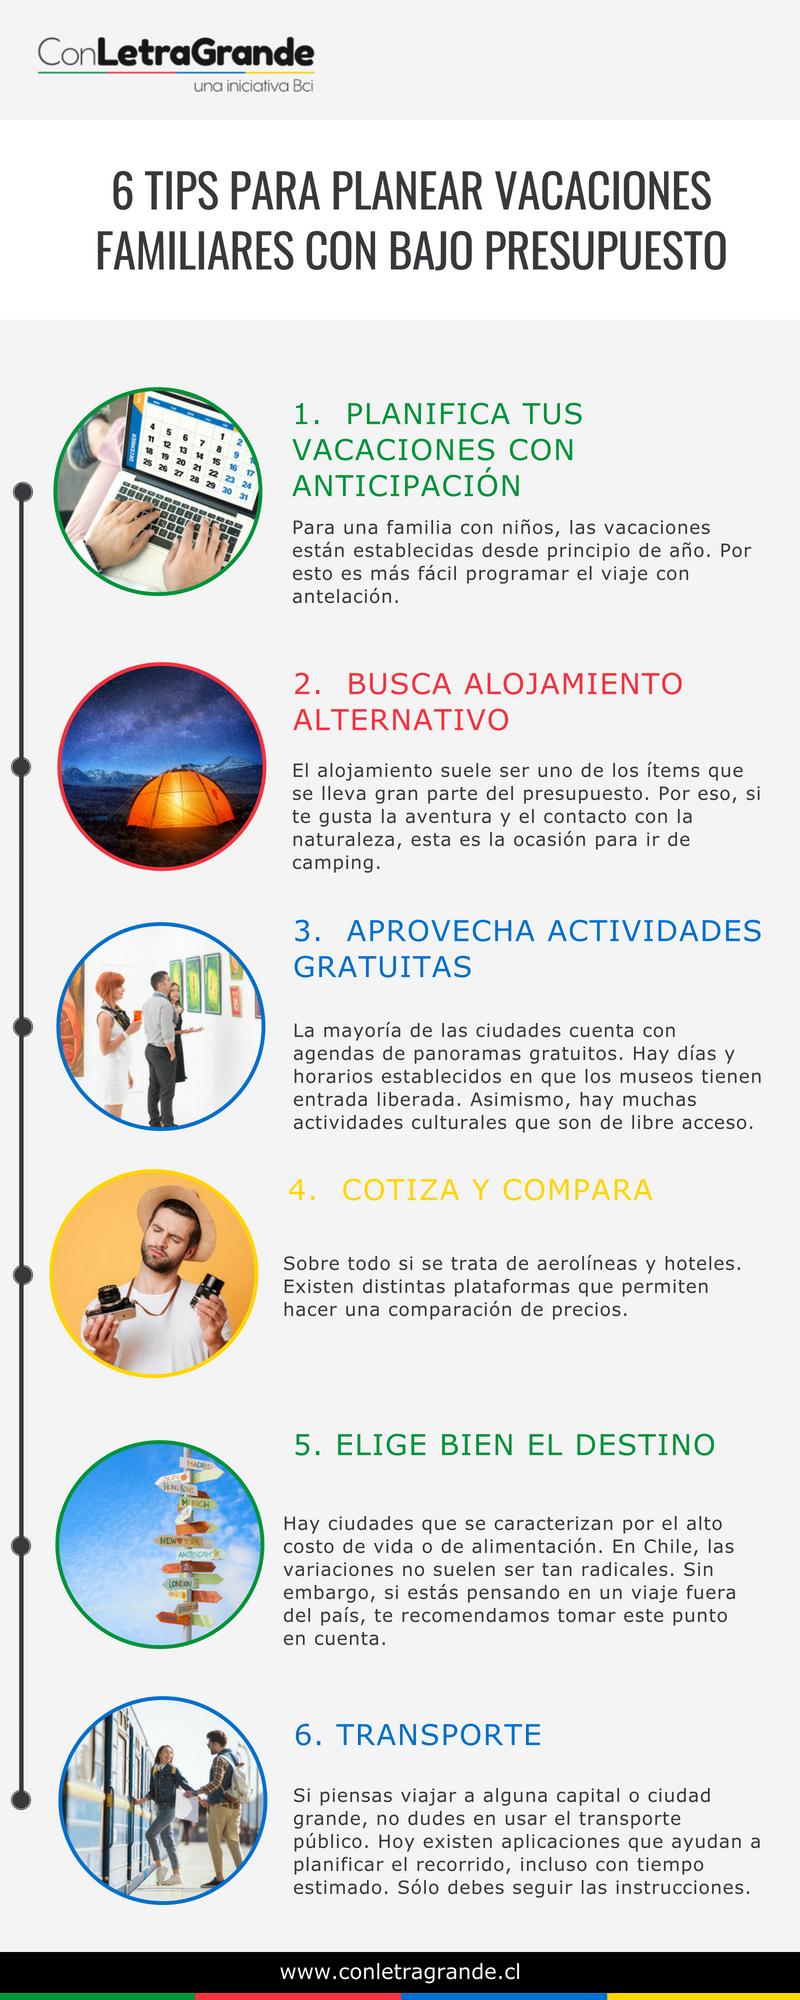 6_TIPS_PARA_PLANEAR_VACACIONES_FAMILIARES_CON_BAJO_PRESUPUESTO